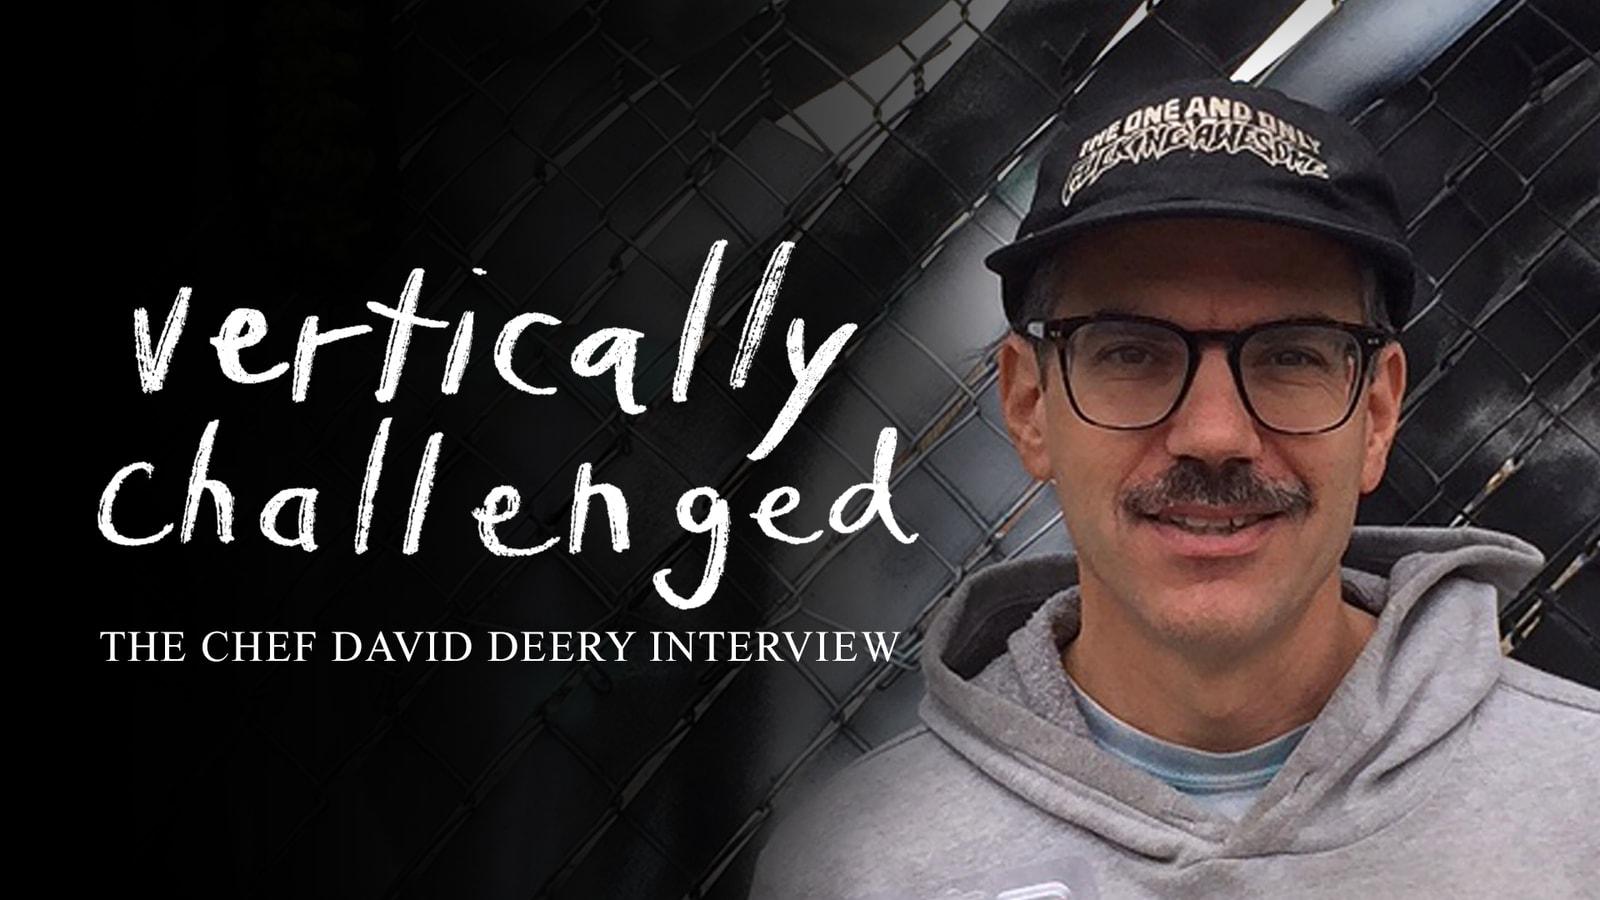 david deery vert challenge skateboarding pizza chef